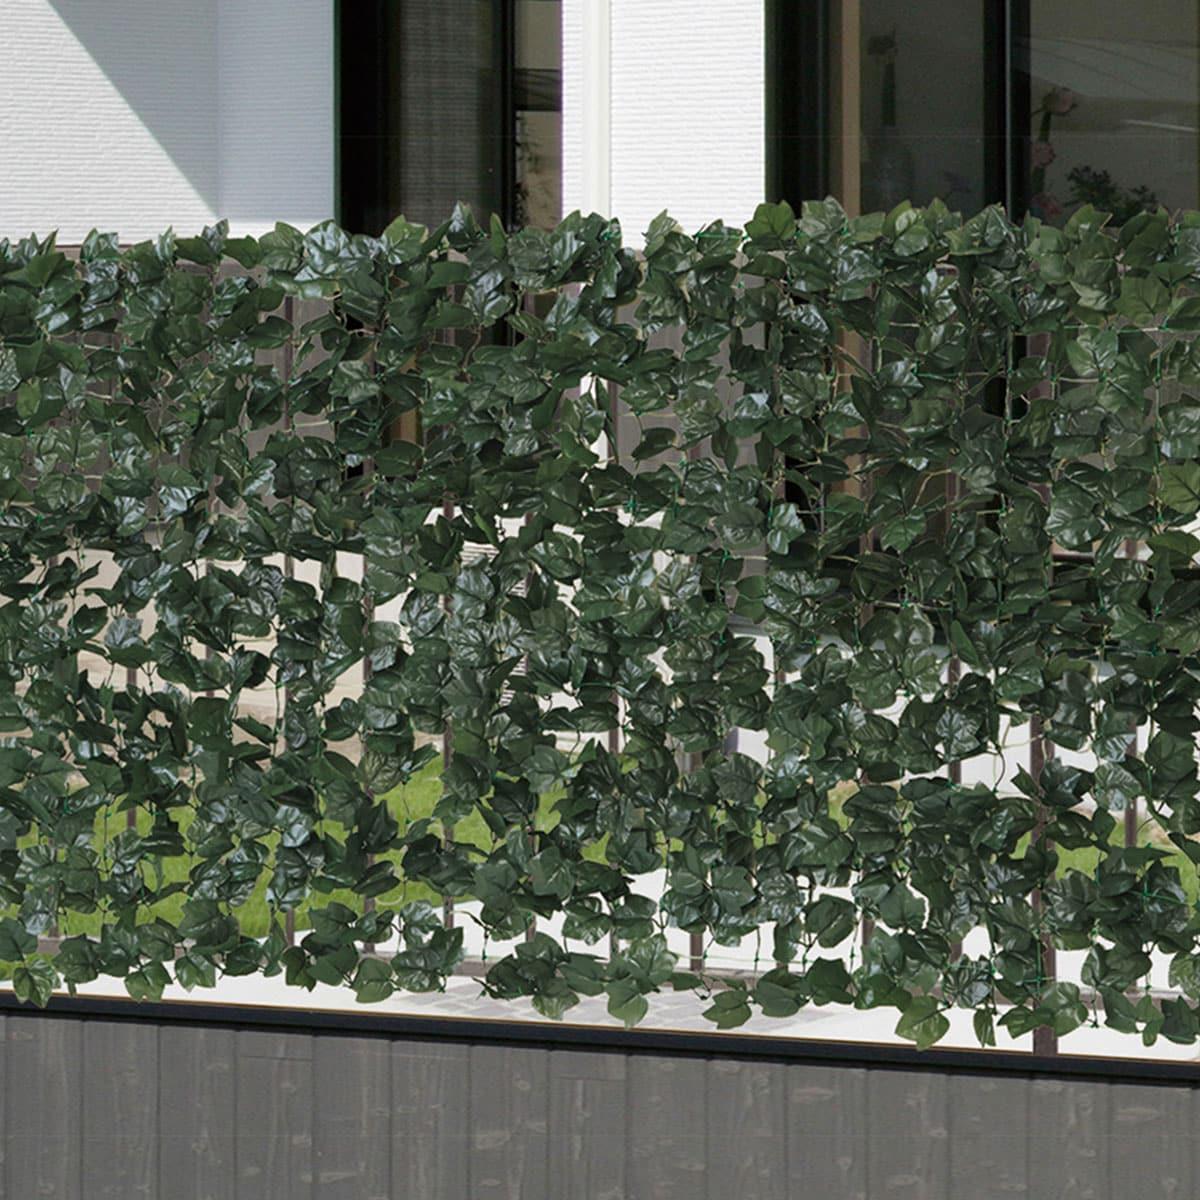 リアルすぎる!目隠しにおすすめのグリーンフェンス10選 デメリットは?のサムネイル画像